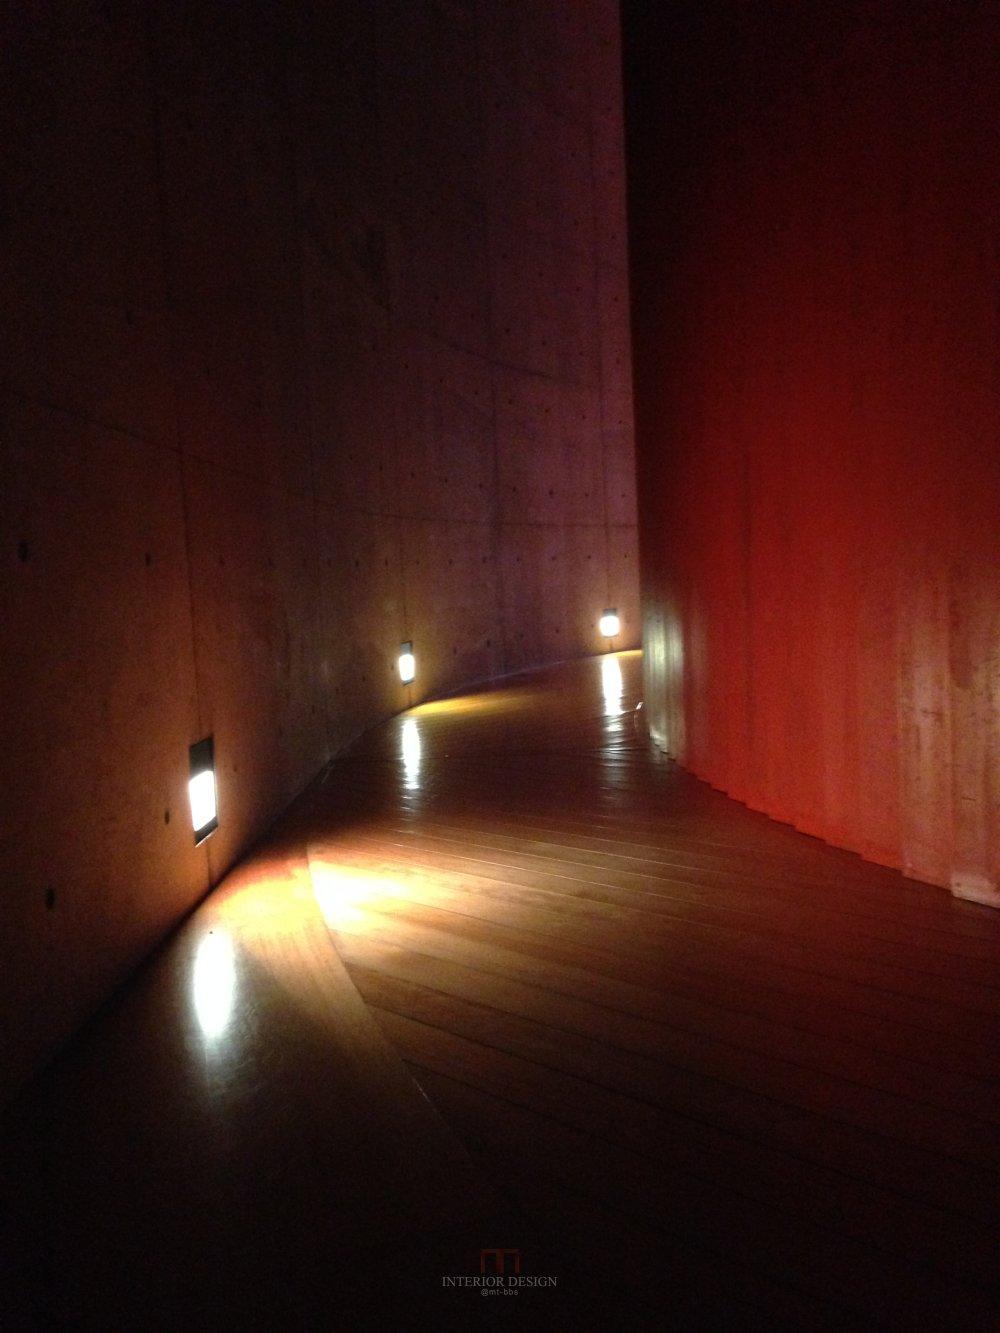 #伙伴一起看日本#  日本设计考察分享(更新美秀美术馆)_IMG_5180.JPG